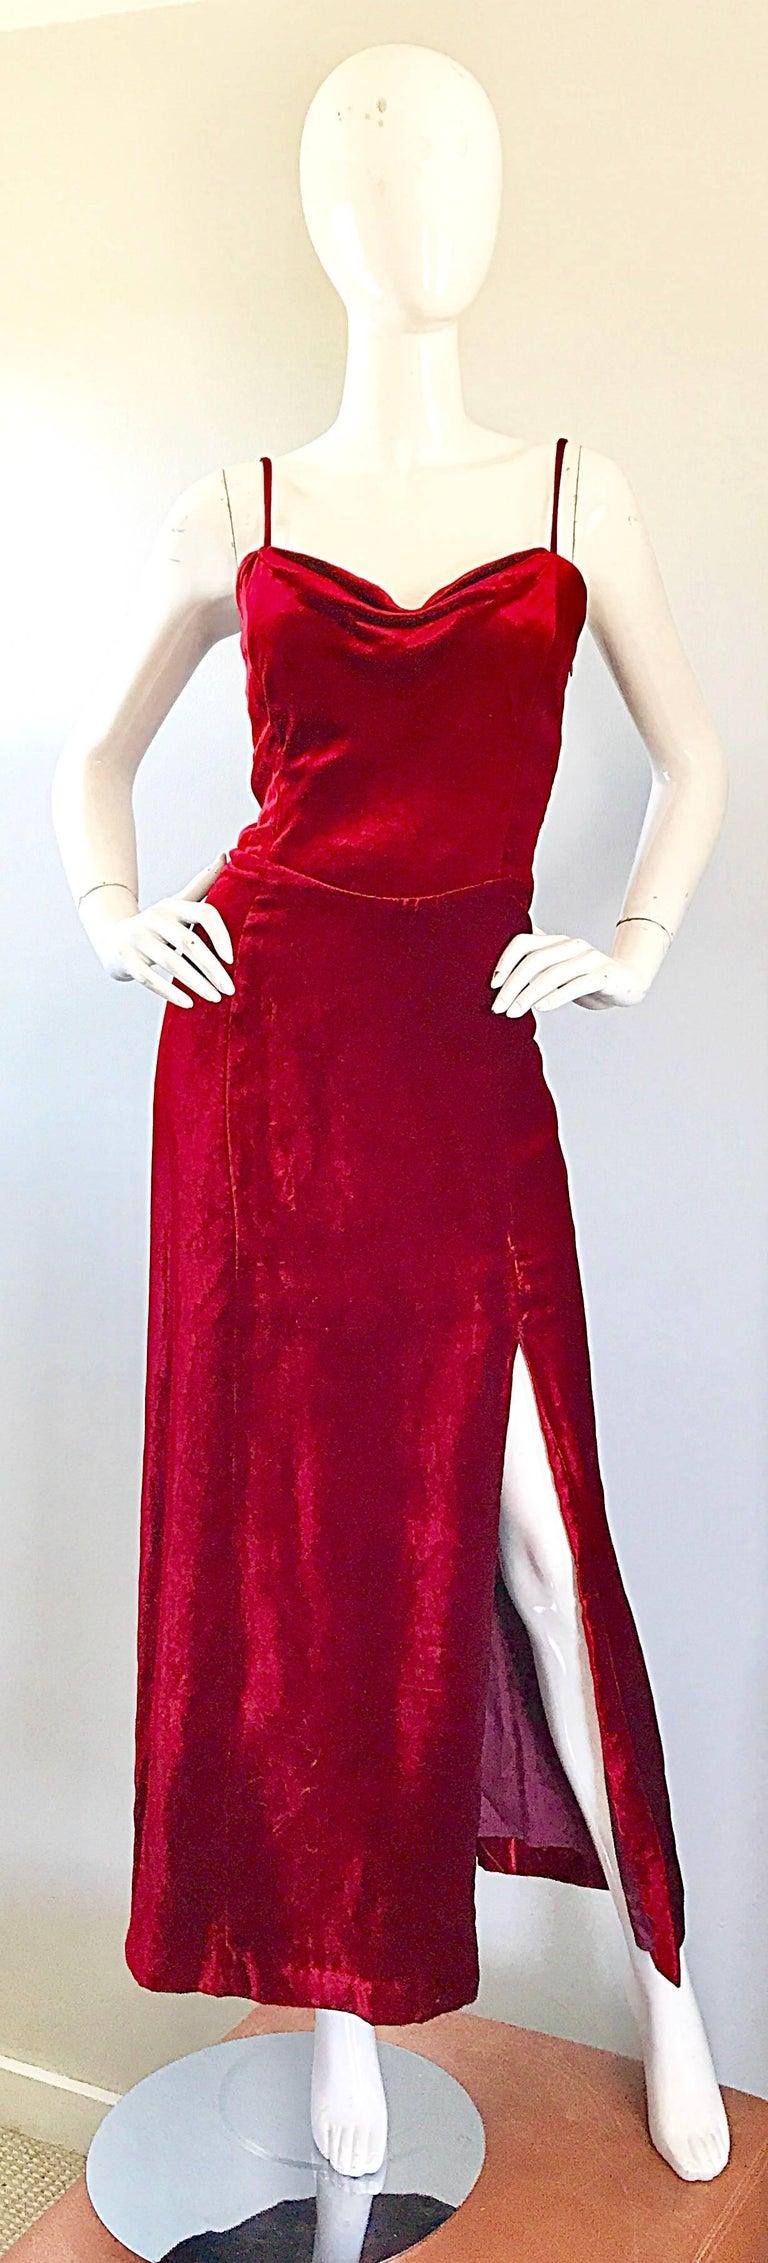 Giorgio Armani Collezioni Vintage Crimson Red Silk Velvet Gown Size 8, 1990s For Sale 5